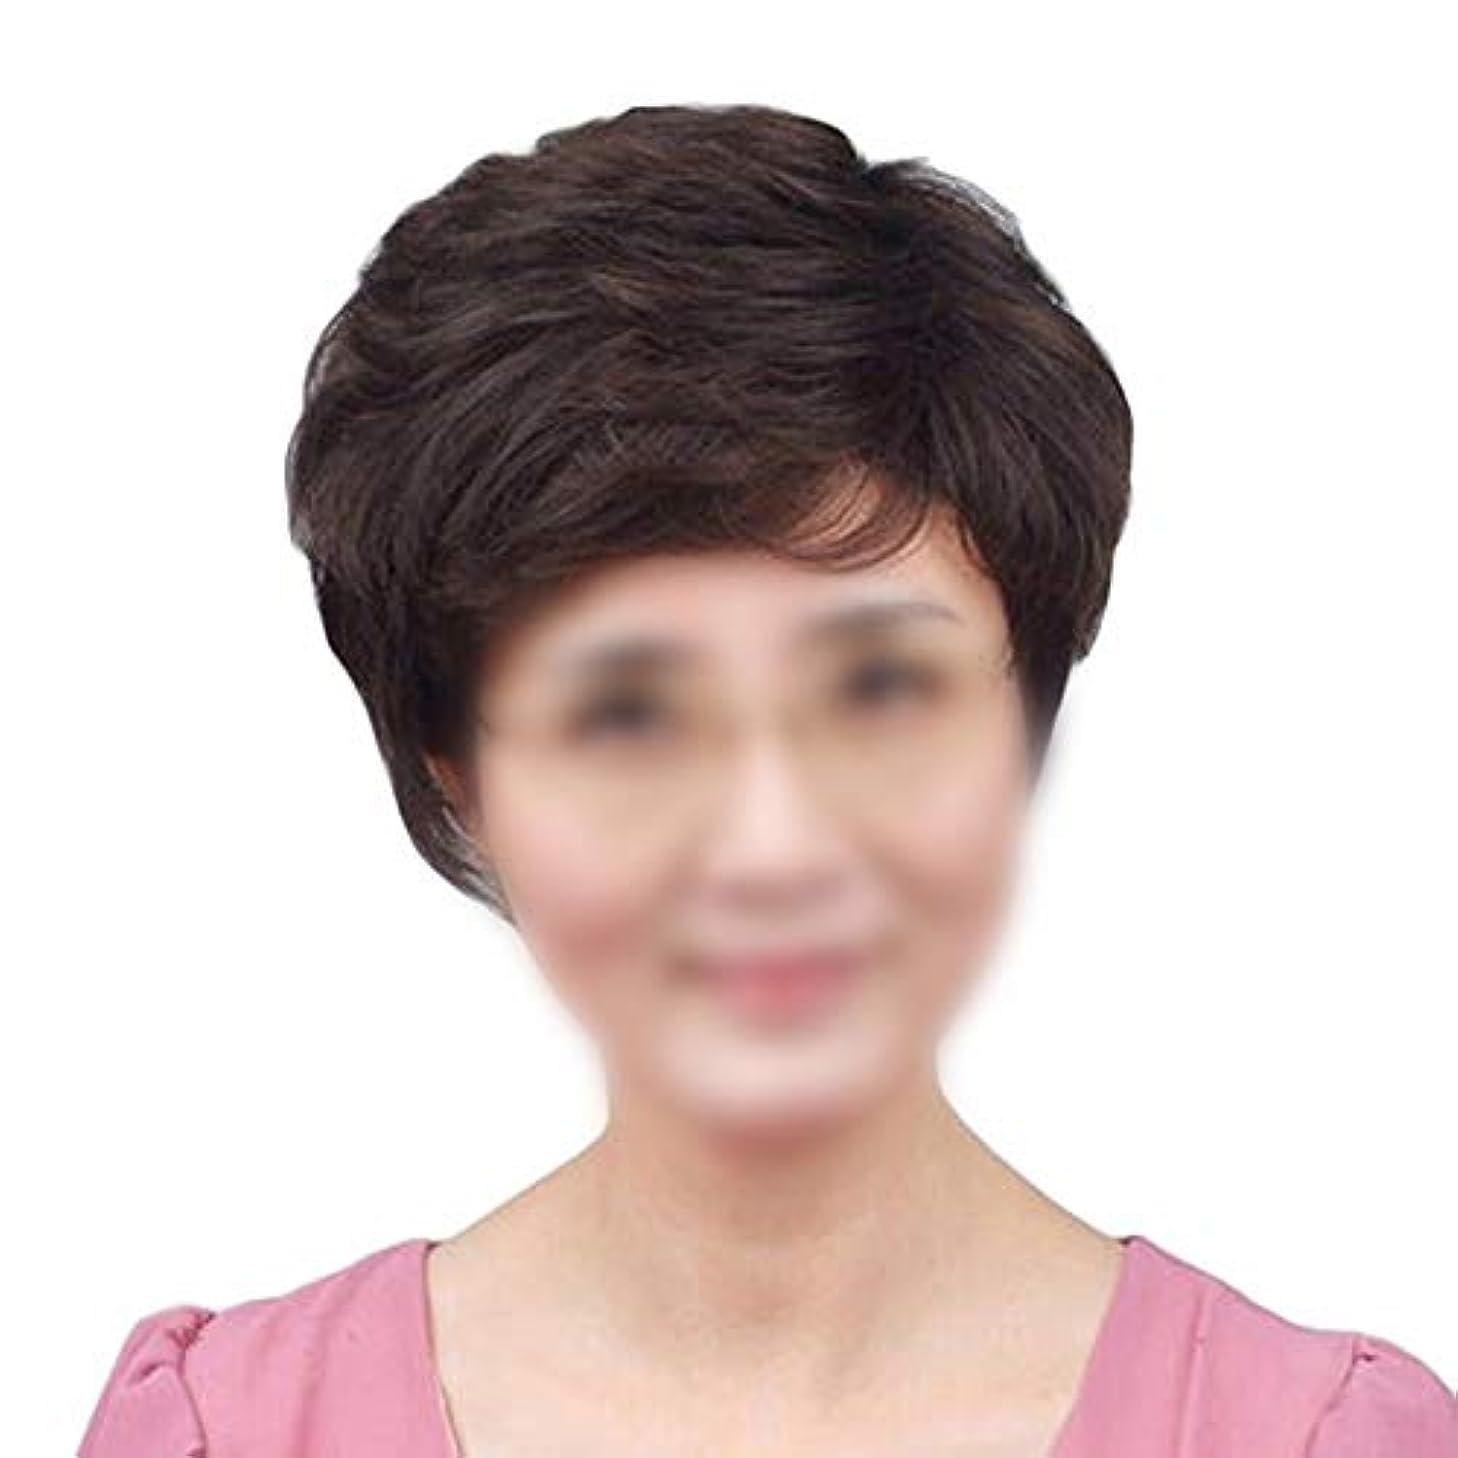 細心の継続中ディスカウントYOUQIU 母デイリードレスかつらのために女子ショートカーリーハンド織リアルタイム髪 (色 : Dark brown, サイズ : Mechanism)